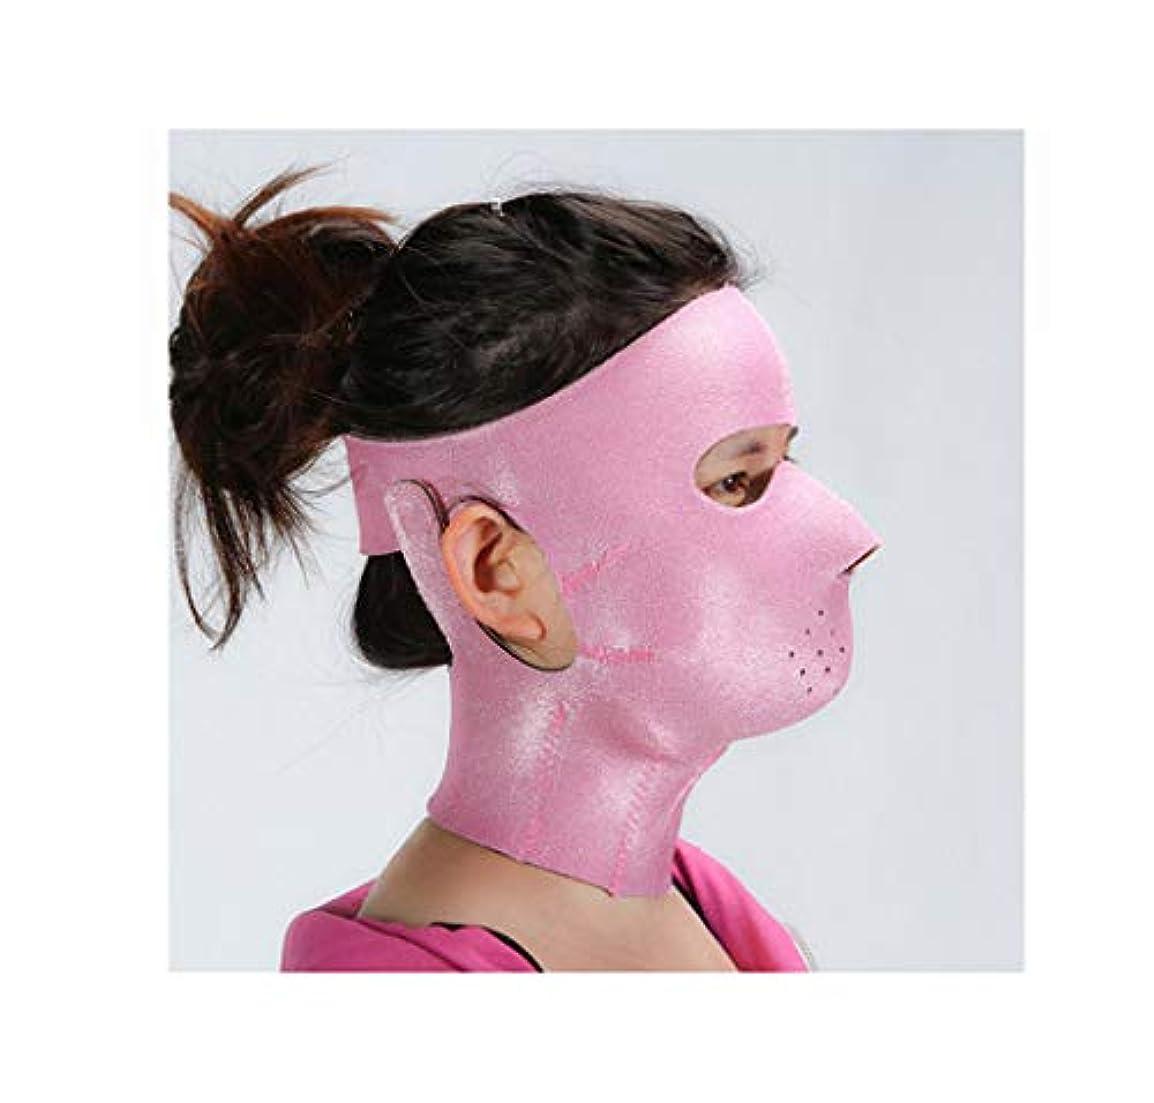 デザート電卓ベギンフェイスリフトマスク、フェイシャルマスクプラス薄いフェイスマスクタイトアンチたるみシンフェイスマスクフェイシャル薄いフェイスマスクアーティファクトビューティーネックストラップ付き